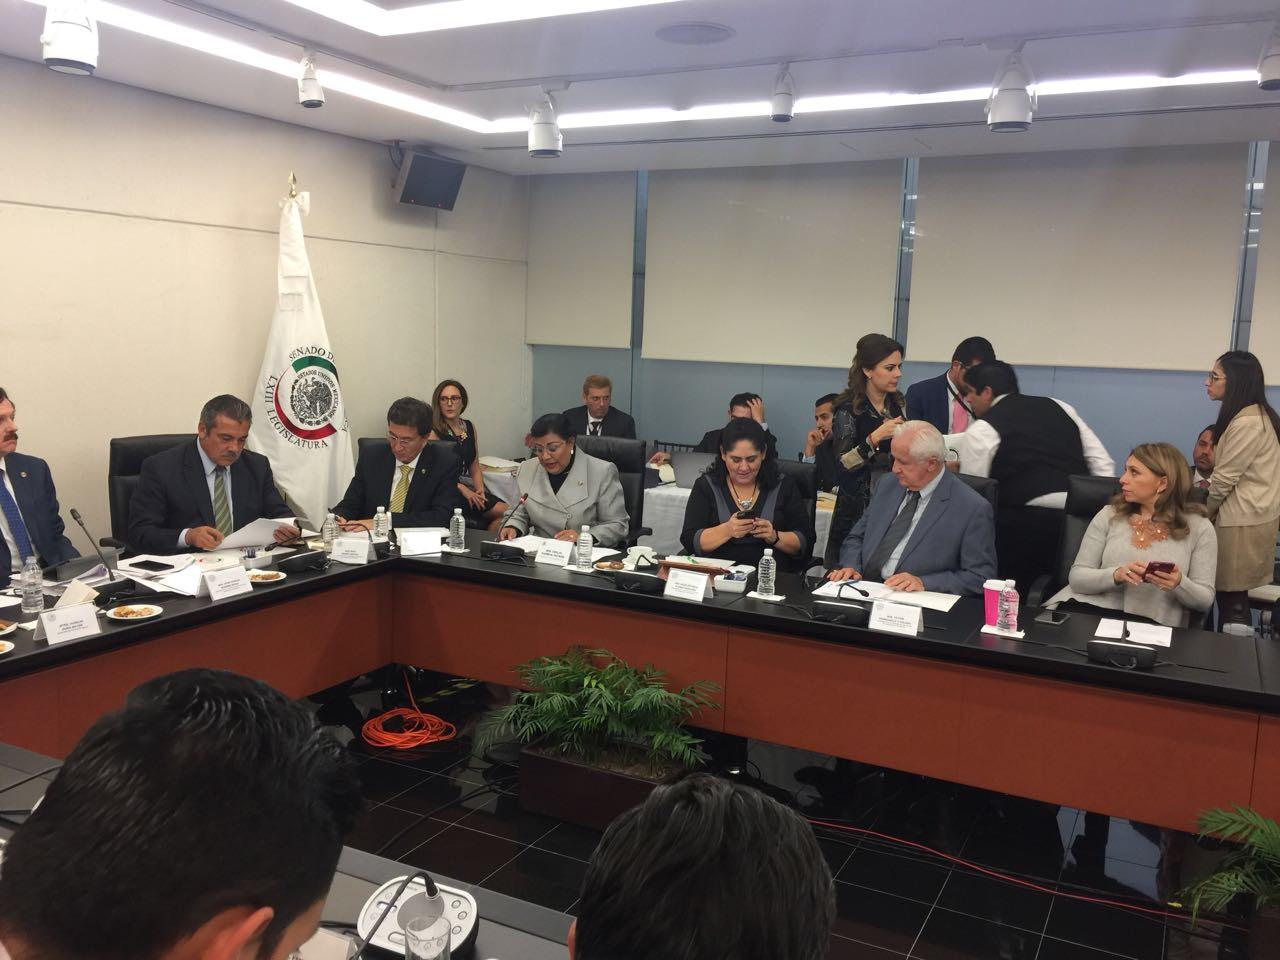 Cuestiona MPG reducción a presupuesto educativo en el Senado